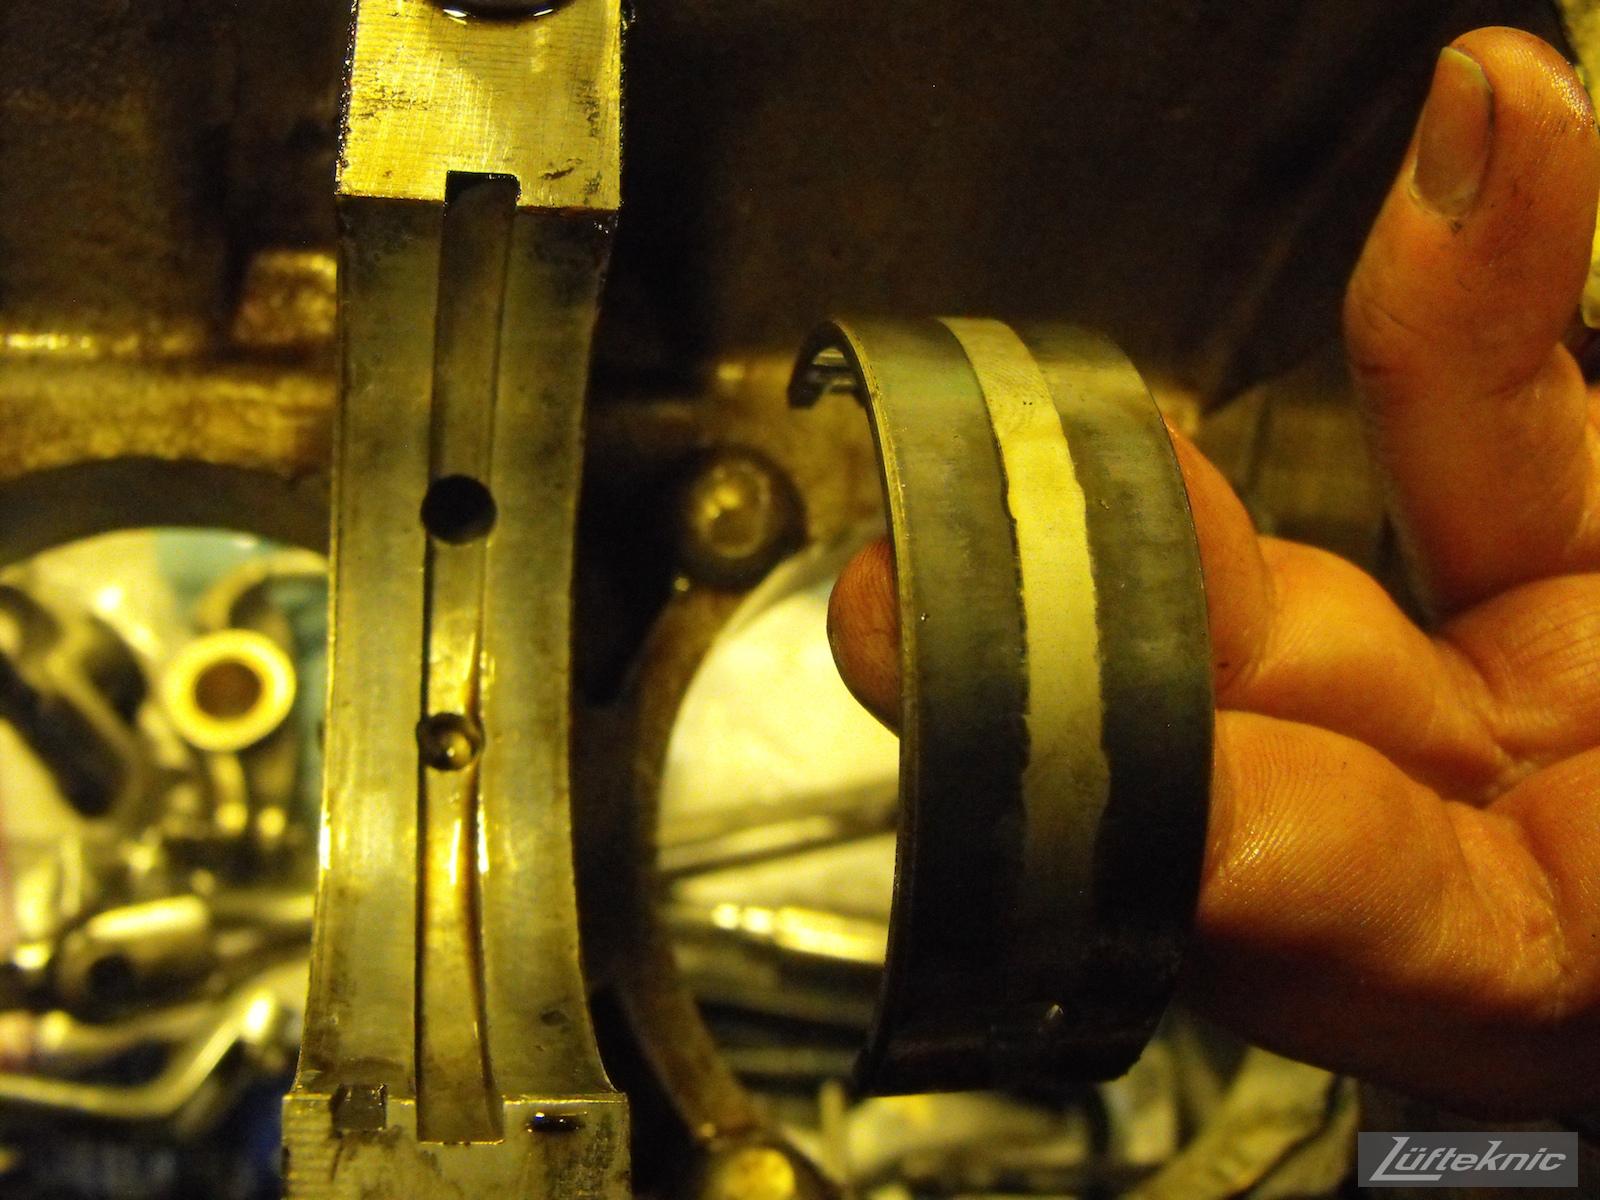 Rod bearing close up from an Irish Green Porsche 912 undergoing restoration at Lufteknic.